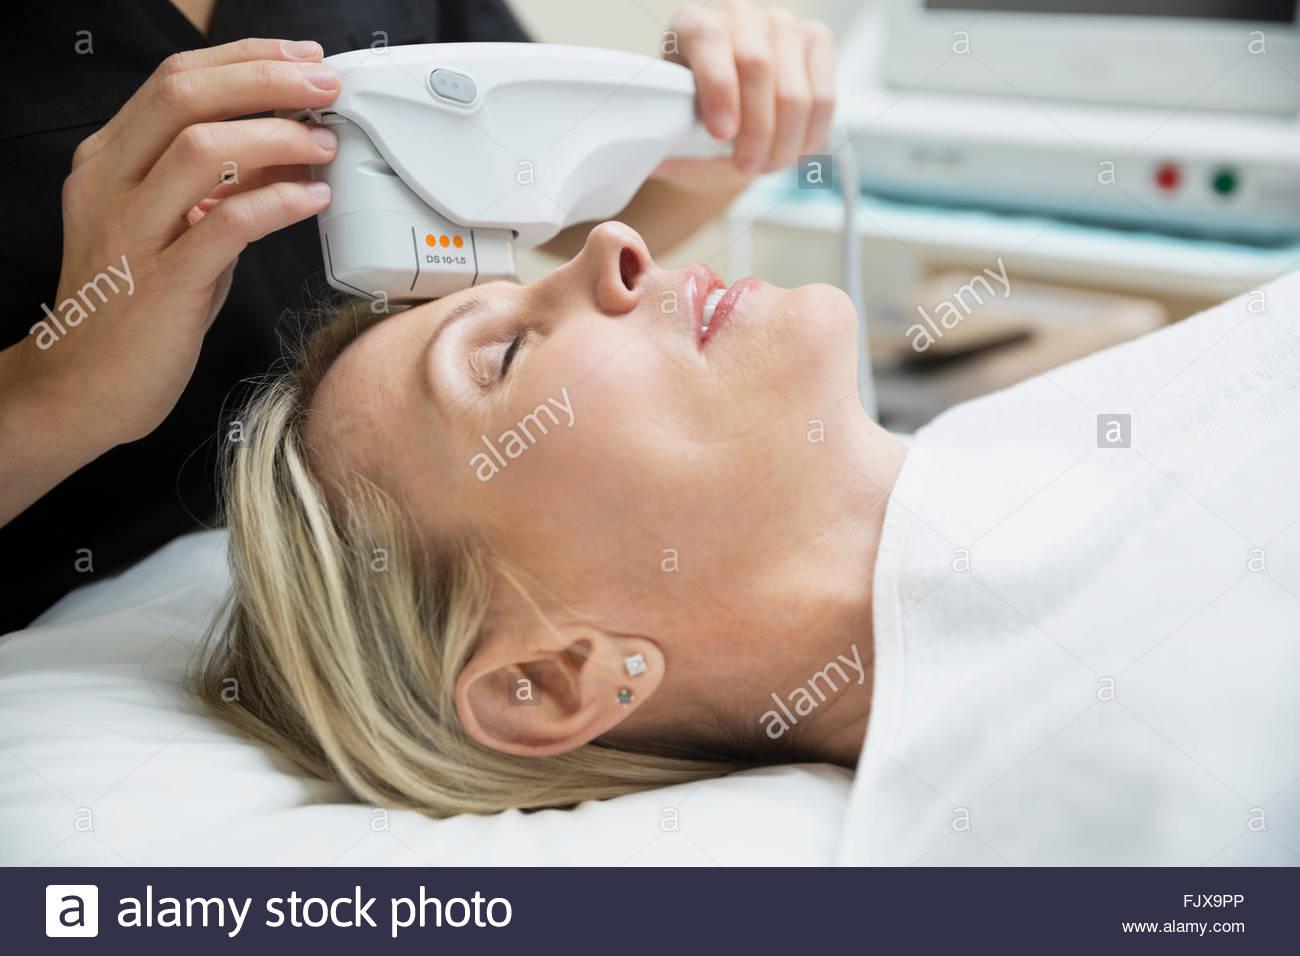 Tecnico estetiche utilizzando apparecchiature a ultrasuoni sul viso di donna Immagini Stock